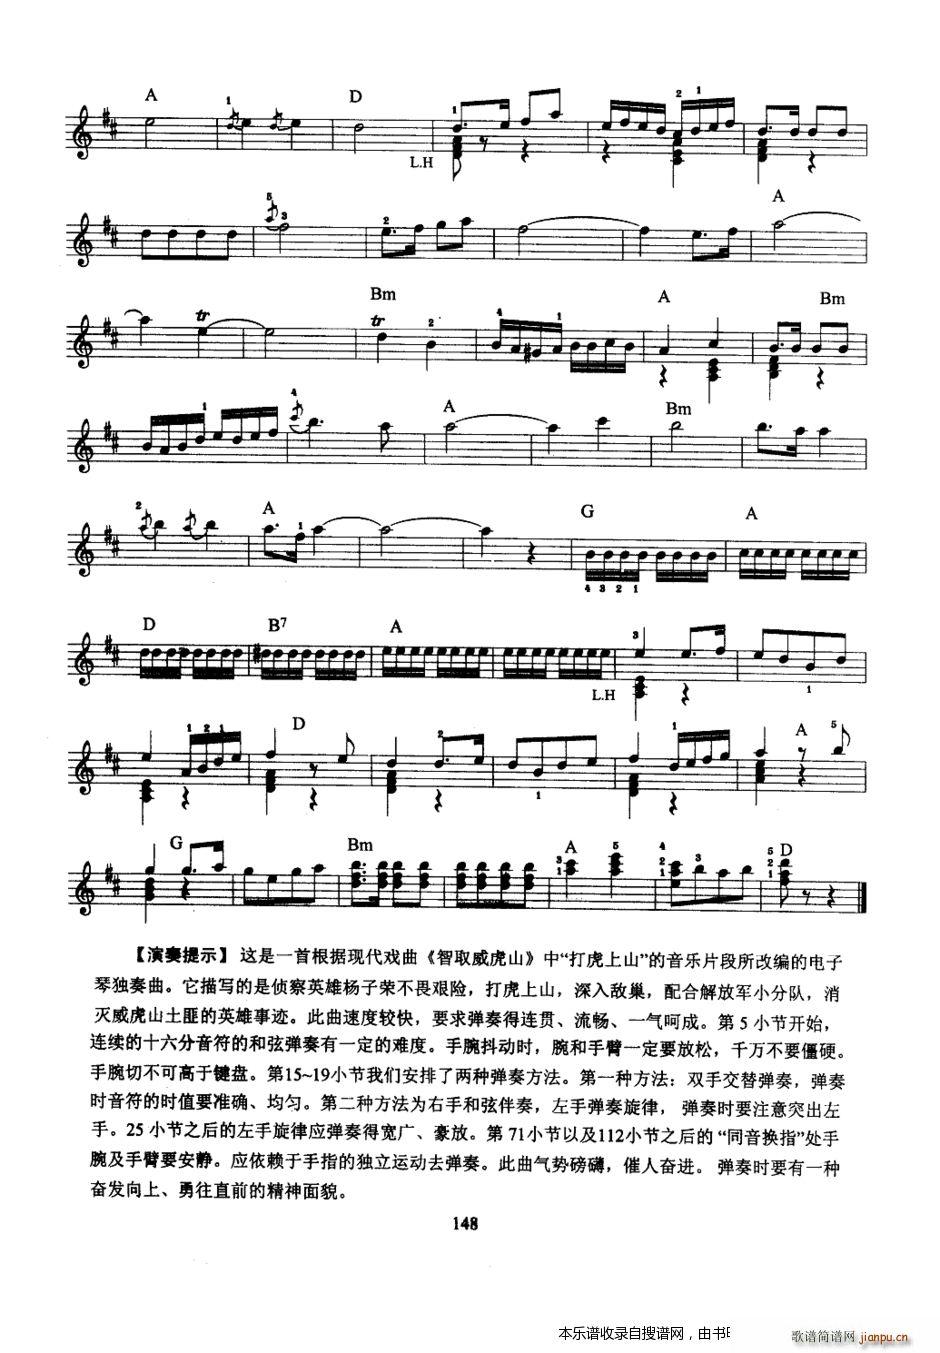 打虎上山 电子琴(电子琴谱)3